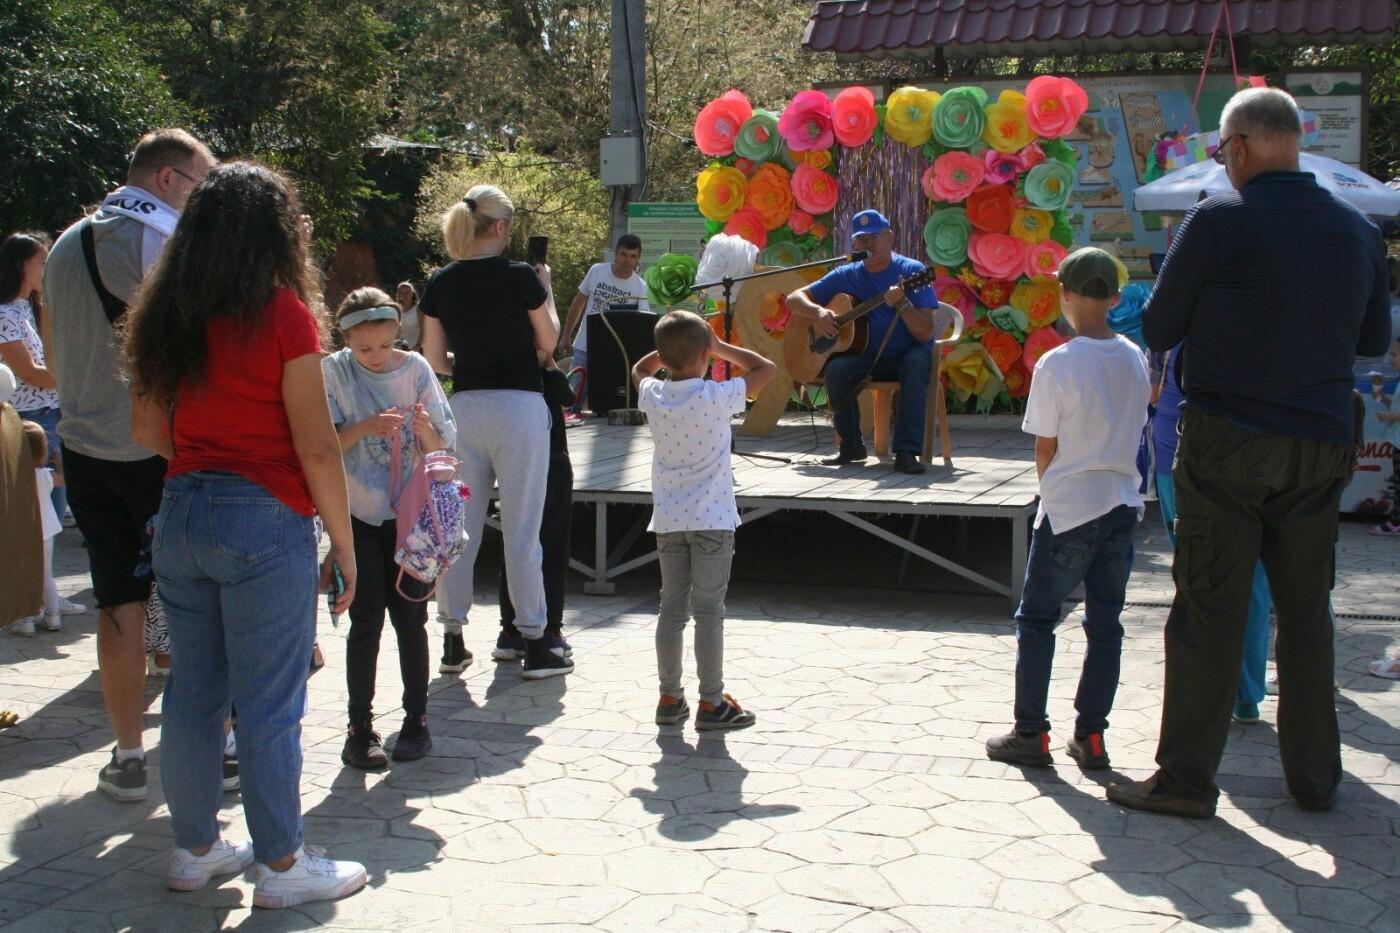 Одесскому зоопарку исполнилось 99 лет, как отмечали это событие горожане, - ФОТОРЕПОРТАЖ , фото-2